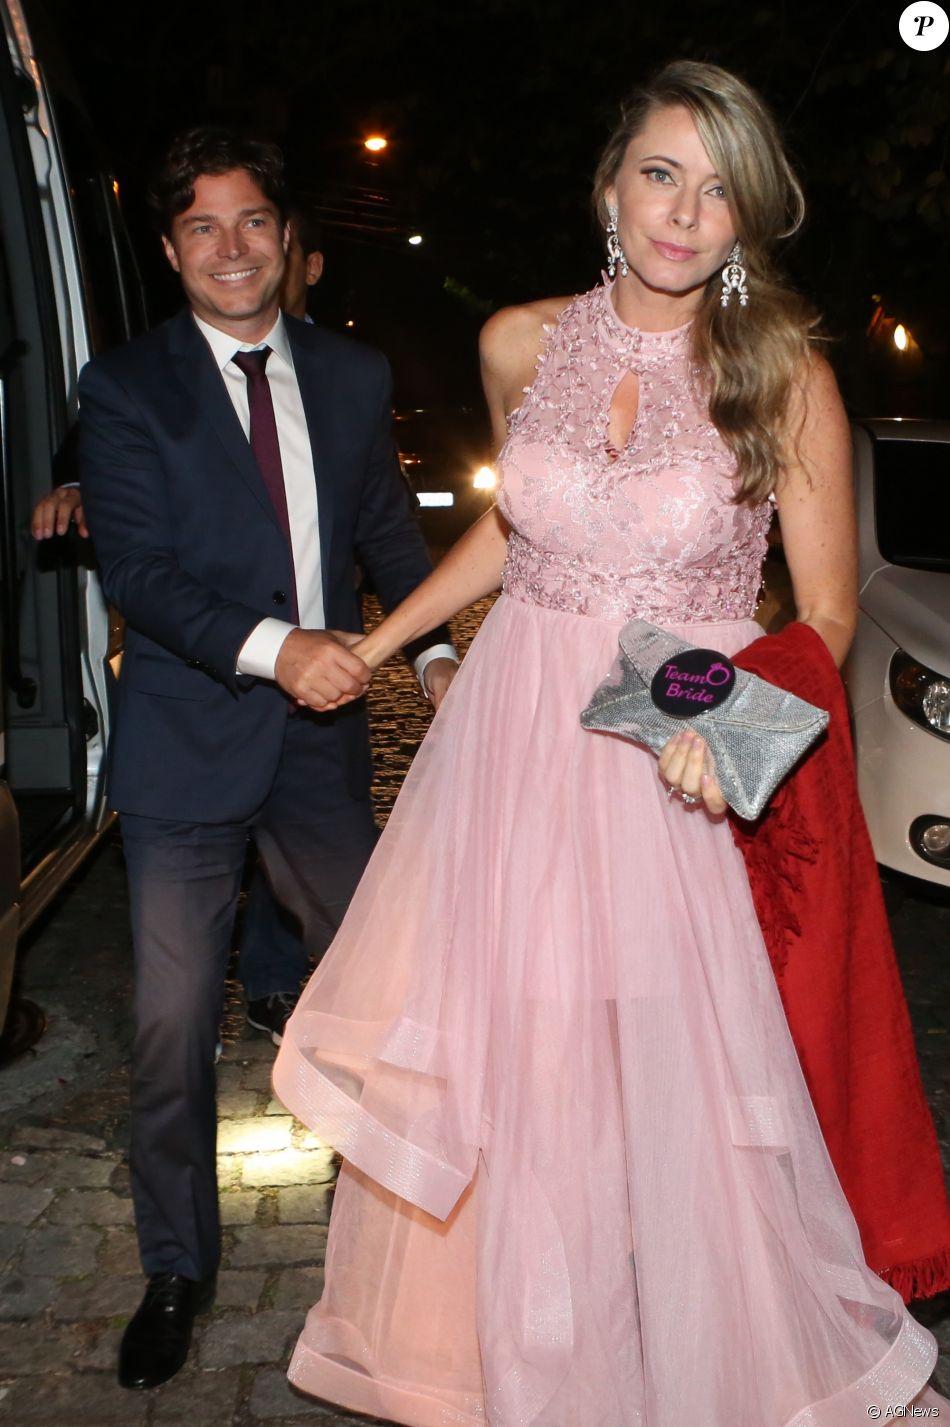 Larissa Burnier, mulher de Erik Marmo, elegeu um longo rosé para o casamento da modelo Michelle Alves com o empresário israelense Guy Oseary, realizado no Rio de Janeiro, em 24 de outubro de 2017